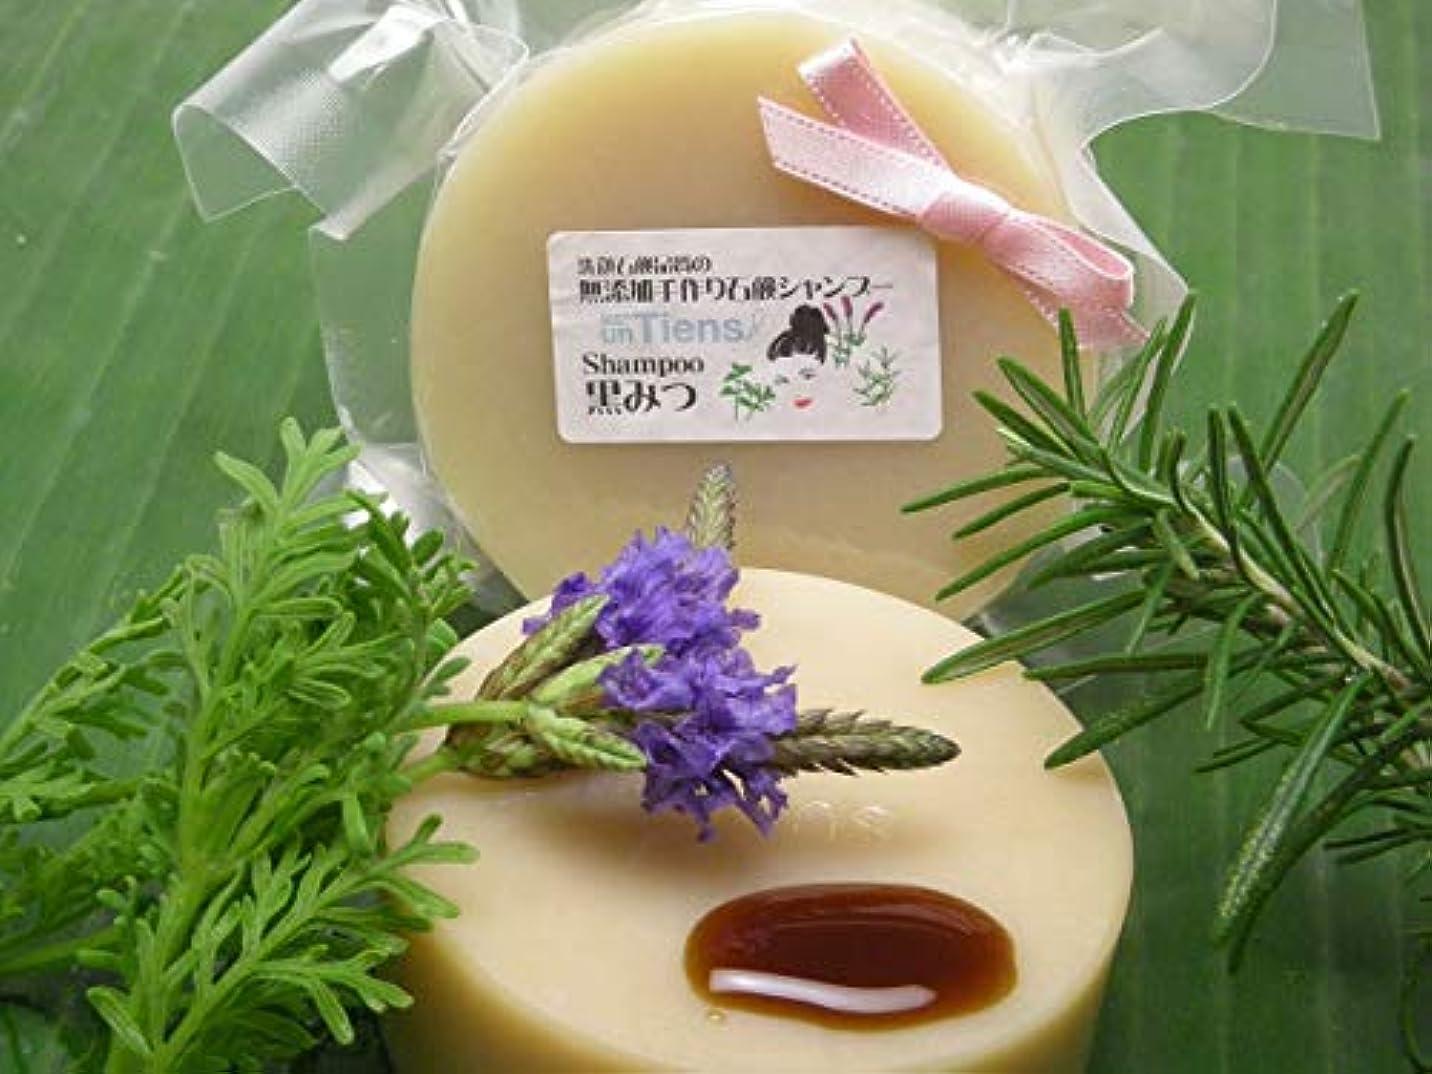 マリナー氏観察洗顔石鹸品質の無添加手作り固形石鹸シャンプー 「黒みつ」たっぷり使える丸型 お得な3個セット300g